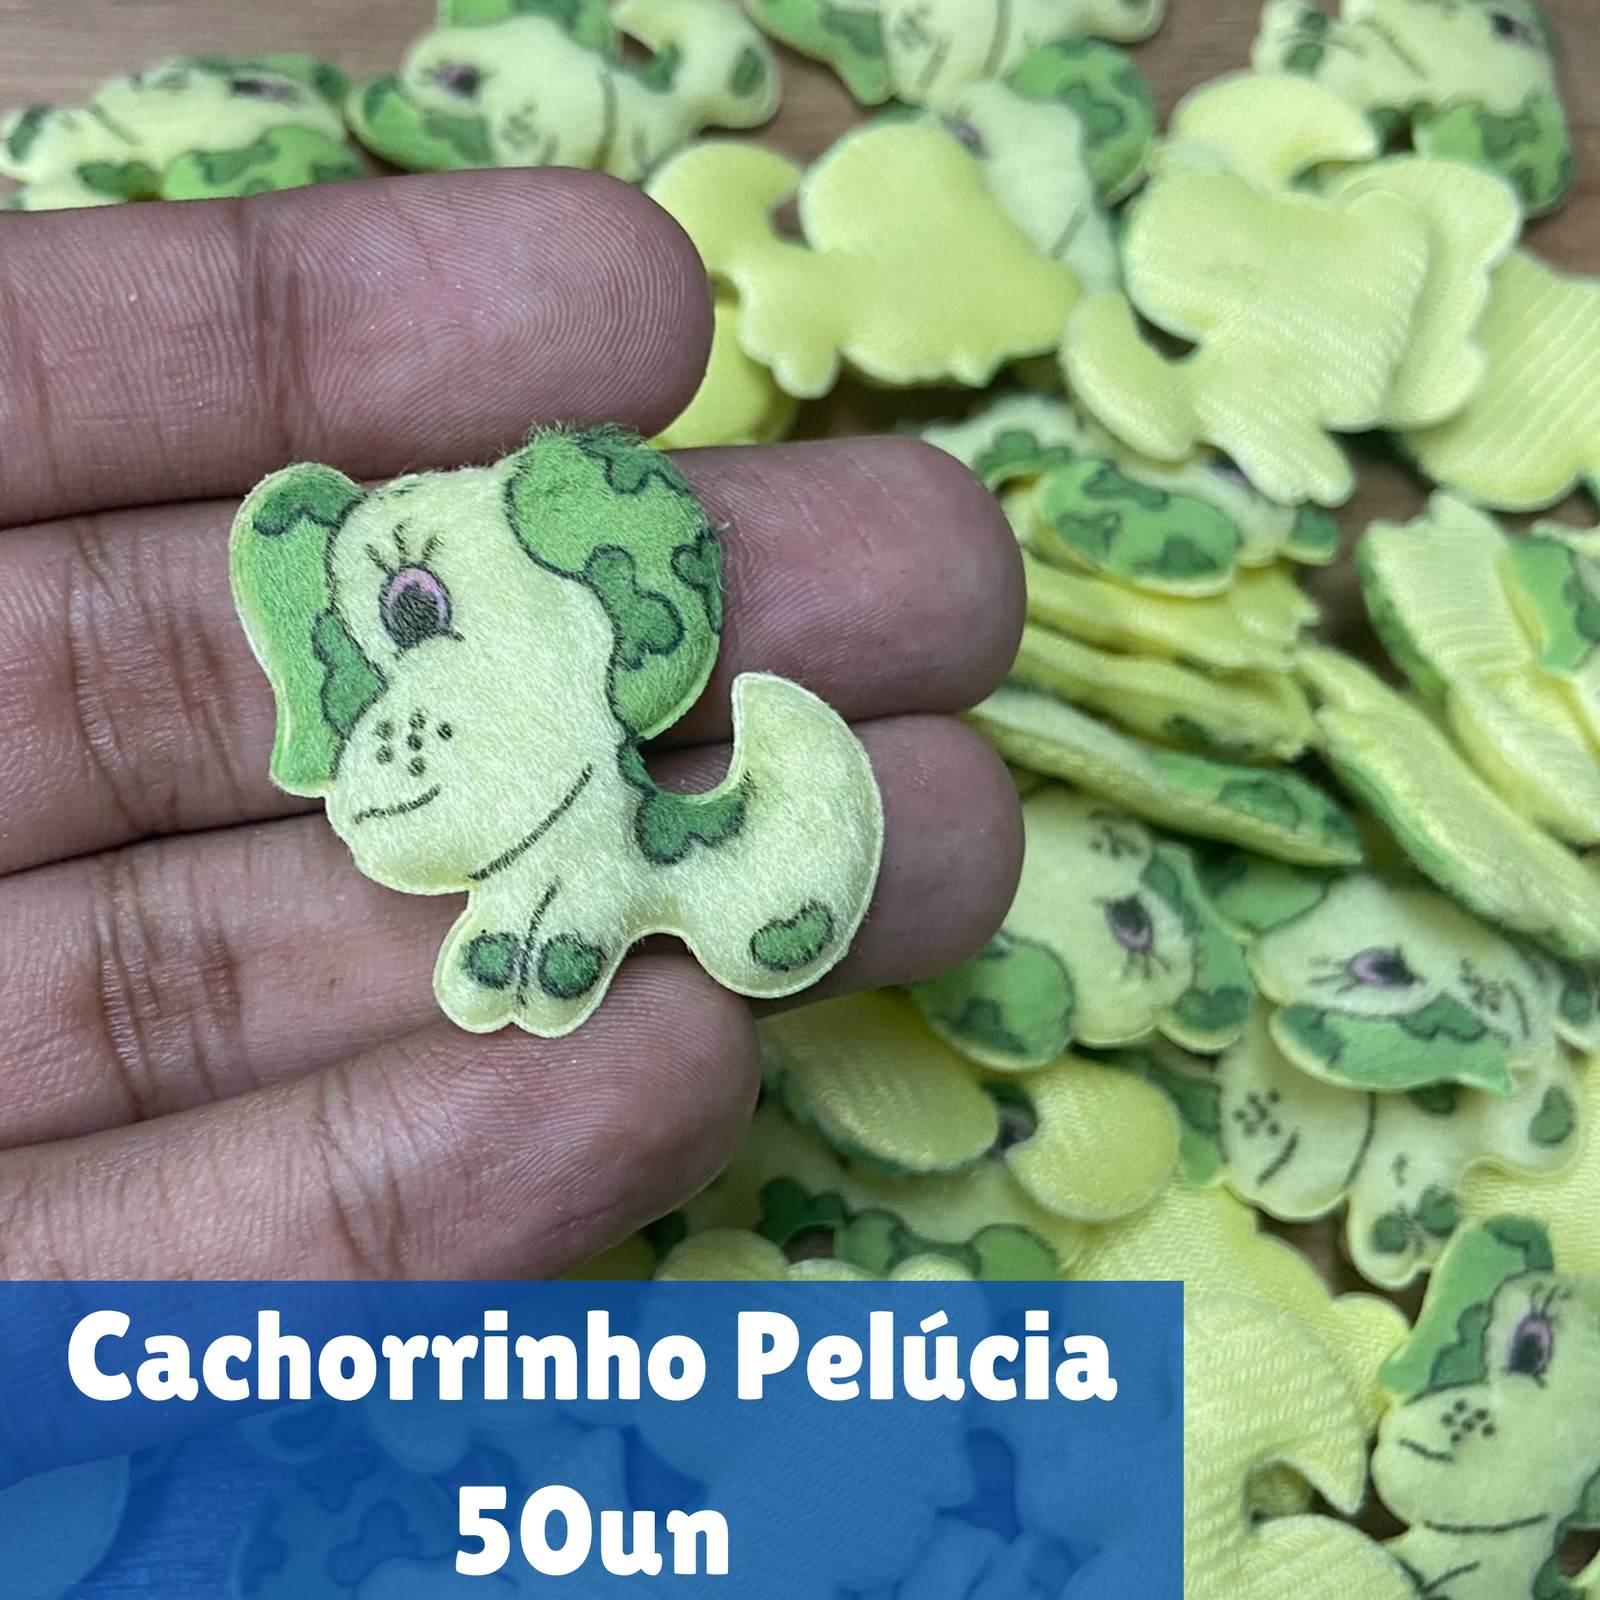 Pelúcia Cachorrinho - 50 unidades